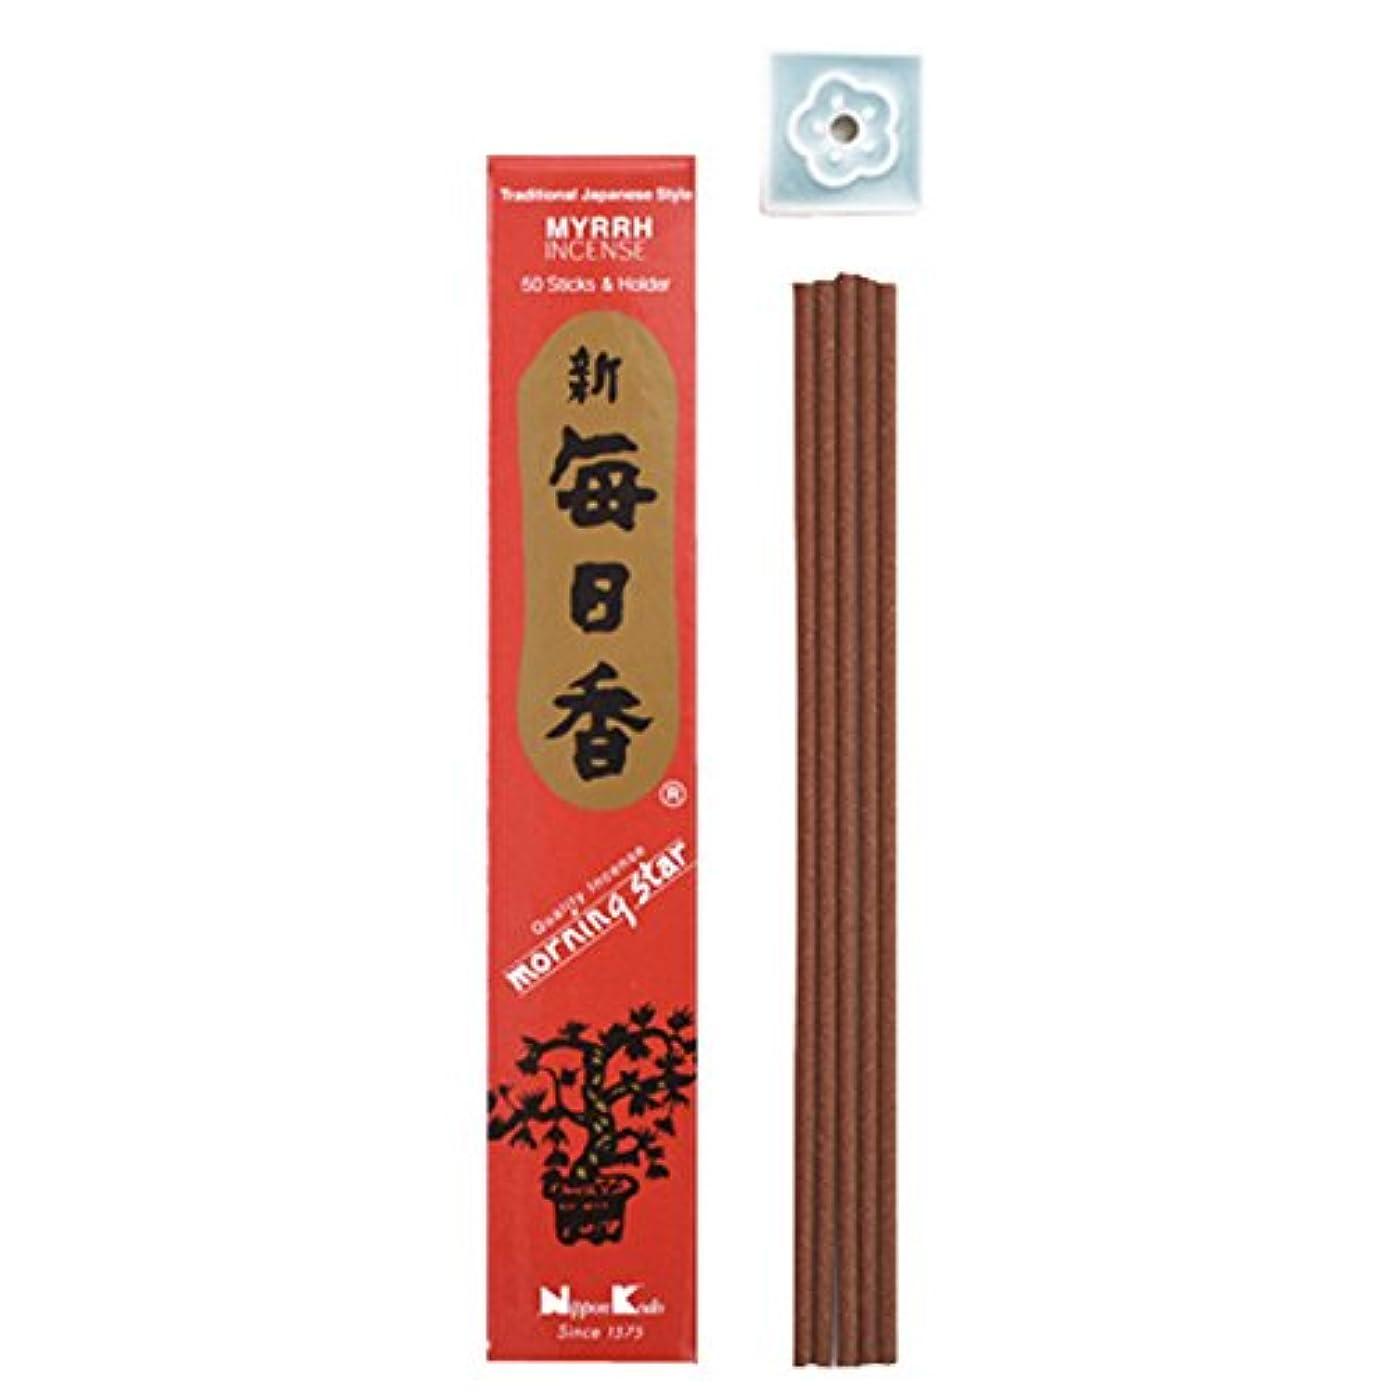 Morning Star Japanese Incense Sticks Myrrh 50 Sticks &ホルダー'